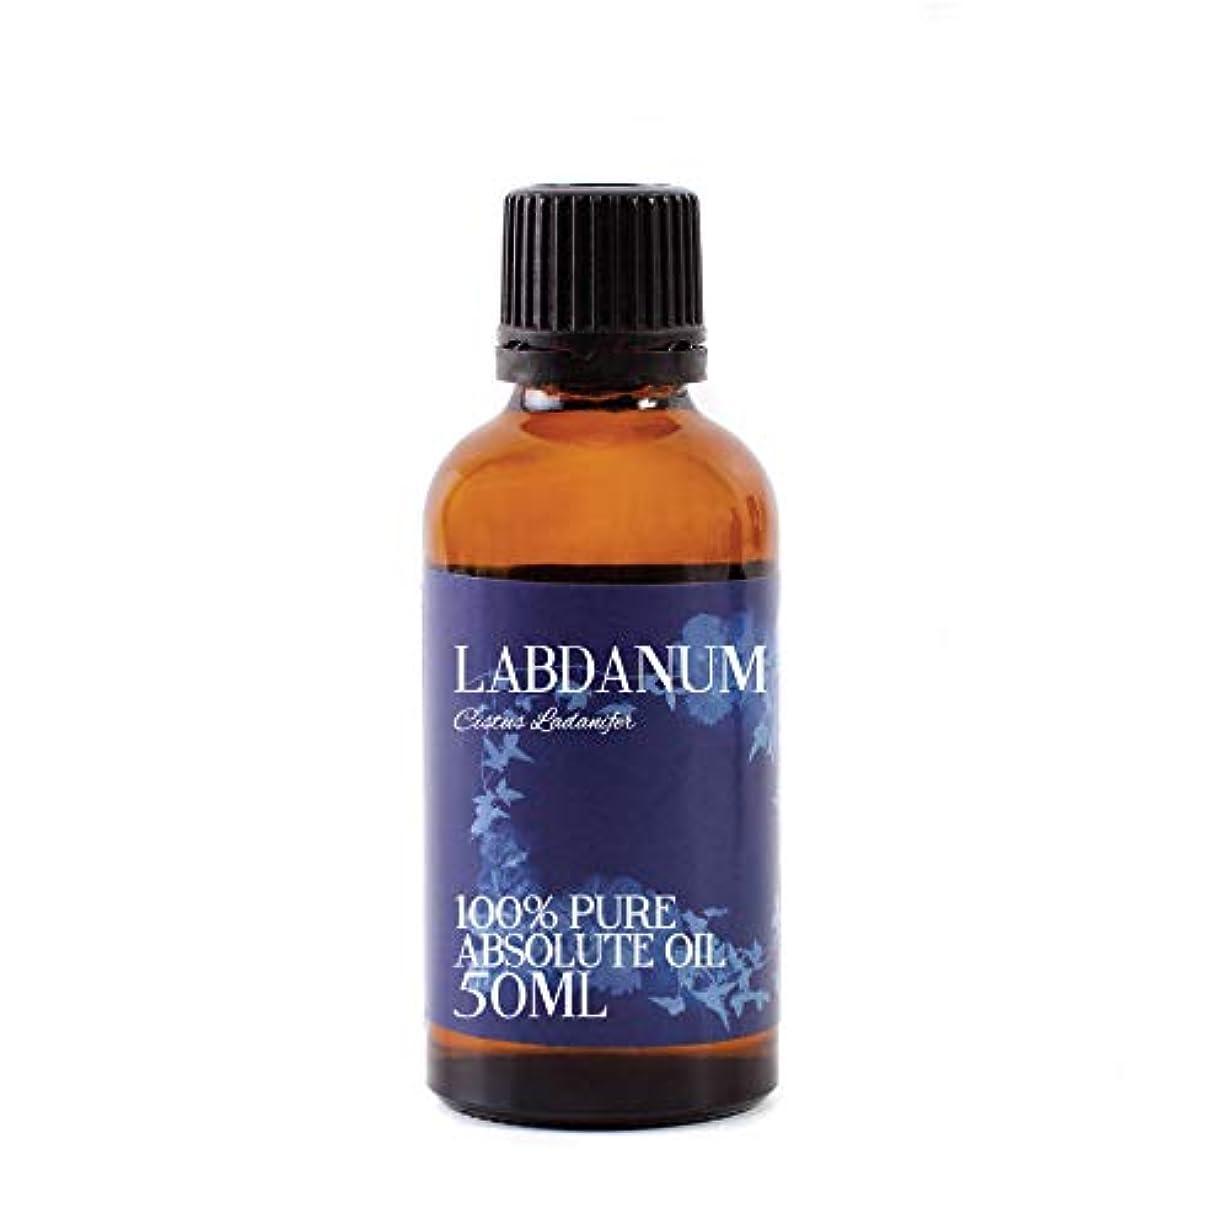 言い換えると汚す頬Labdanum Absolute 50ml - 100% Pure